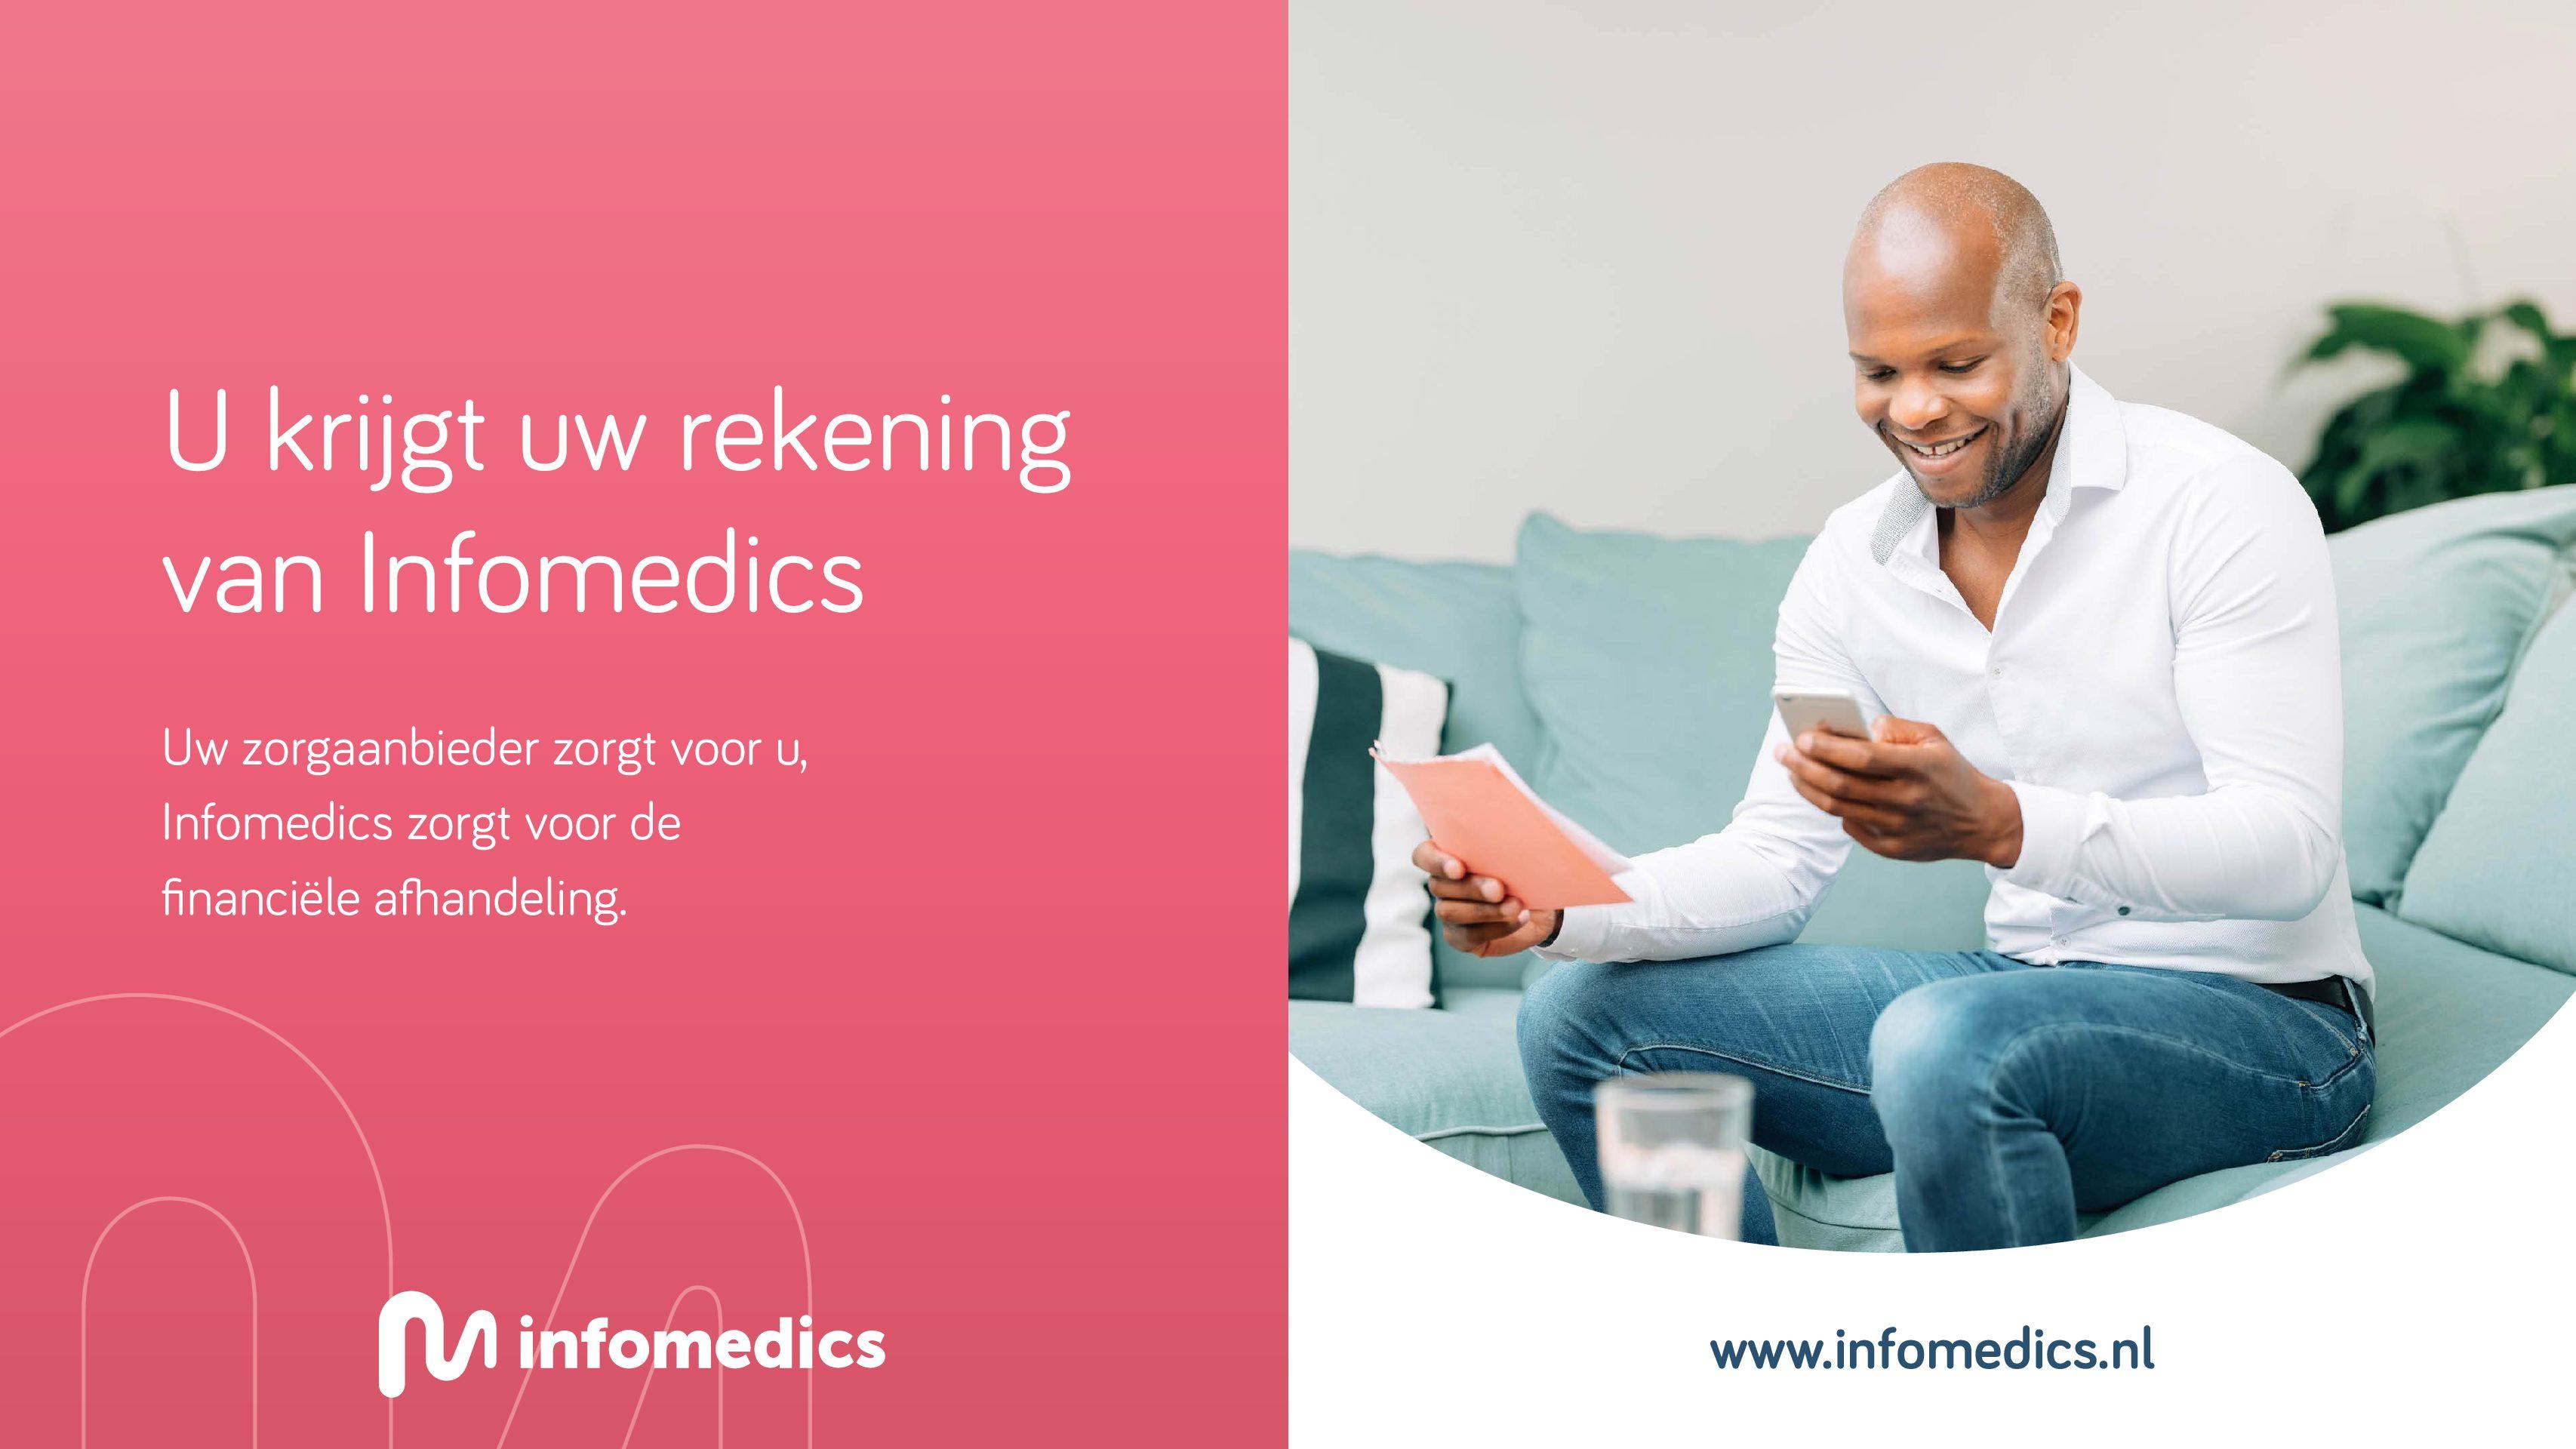 01 – U krijgt uw rekening van Infomedics